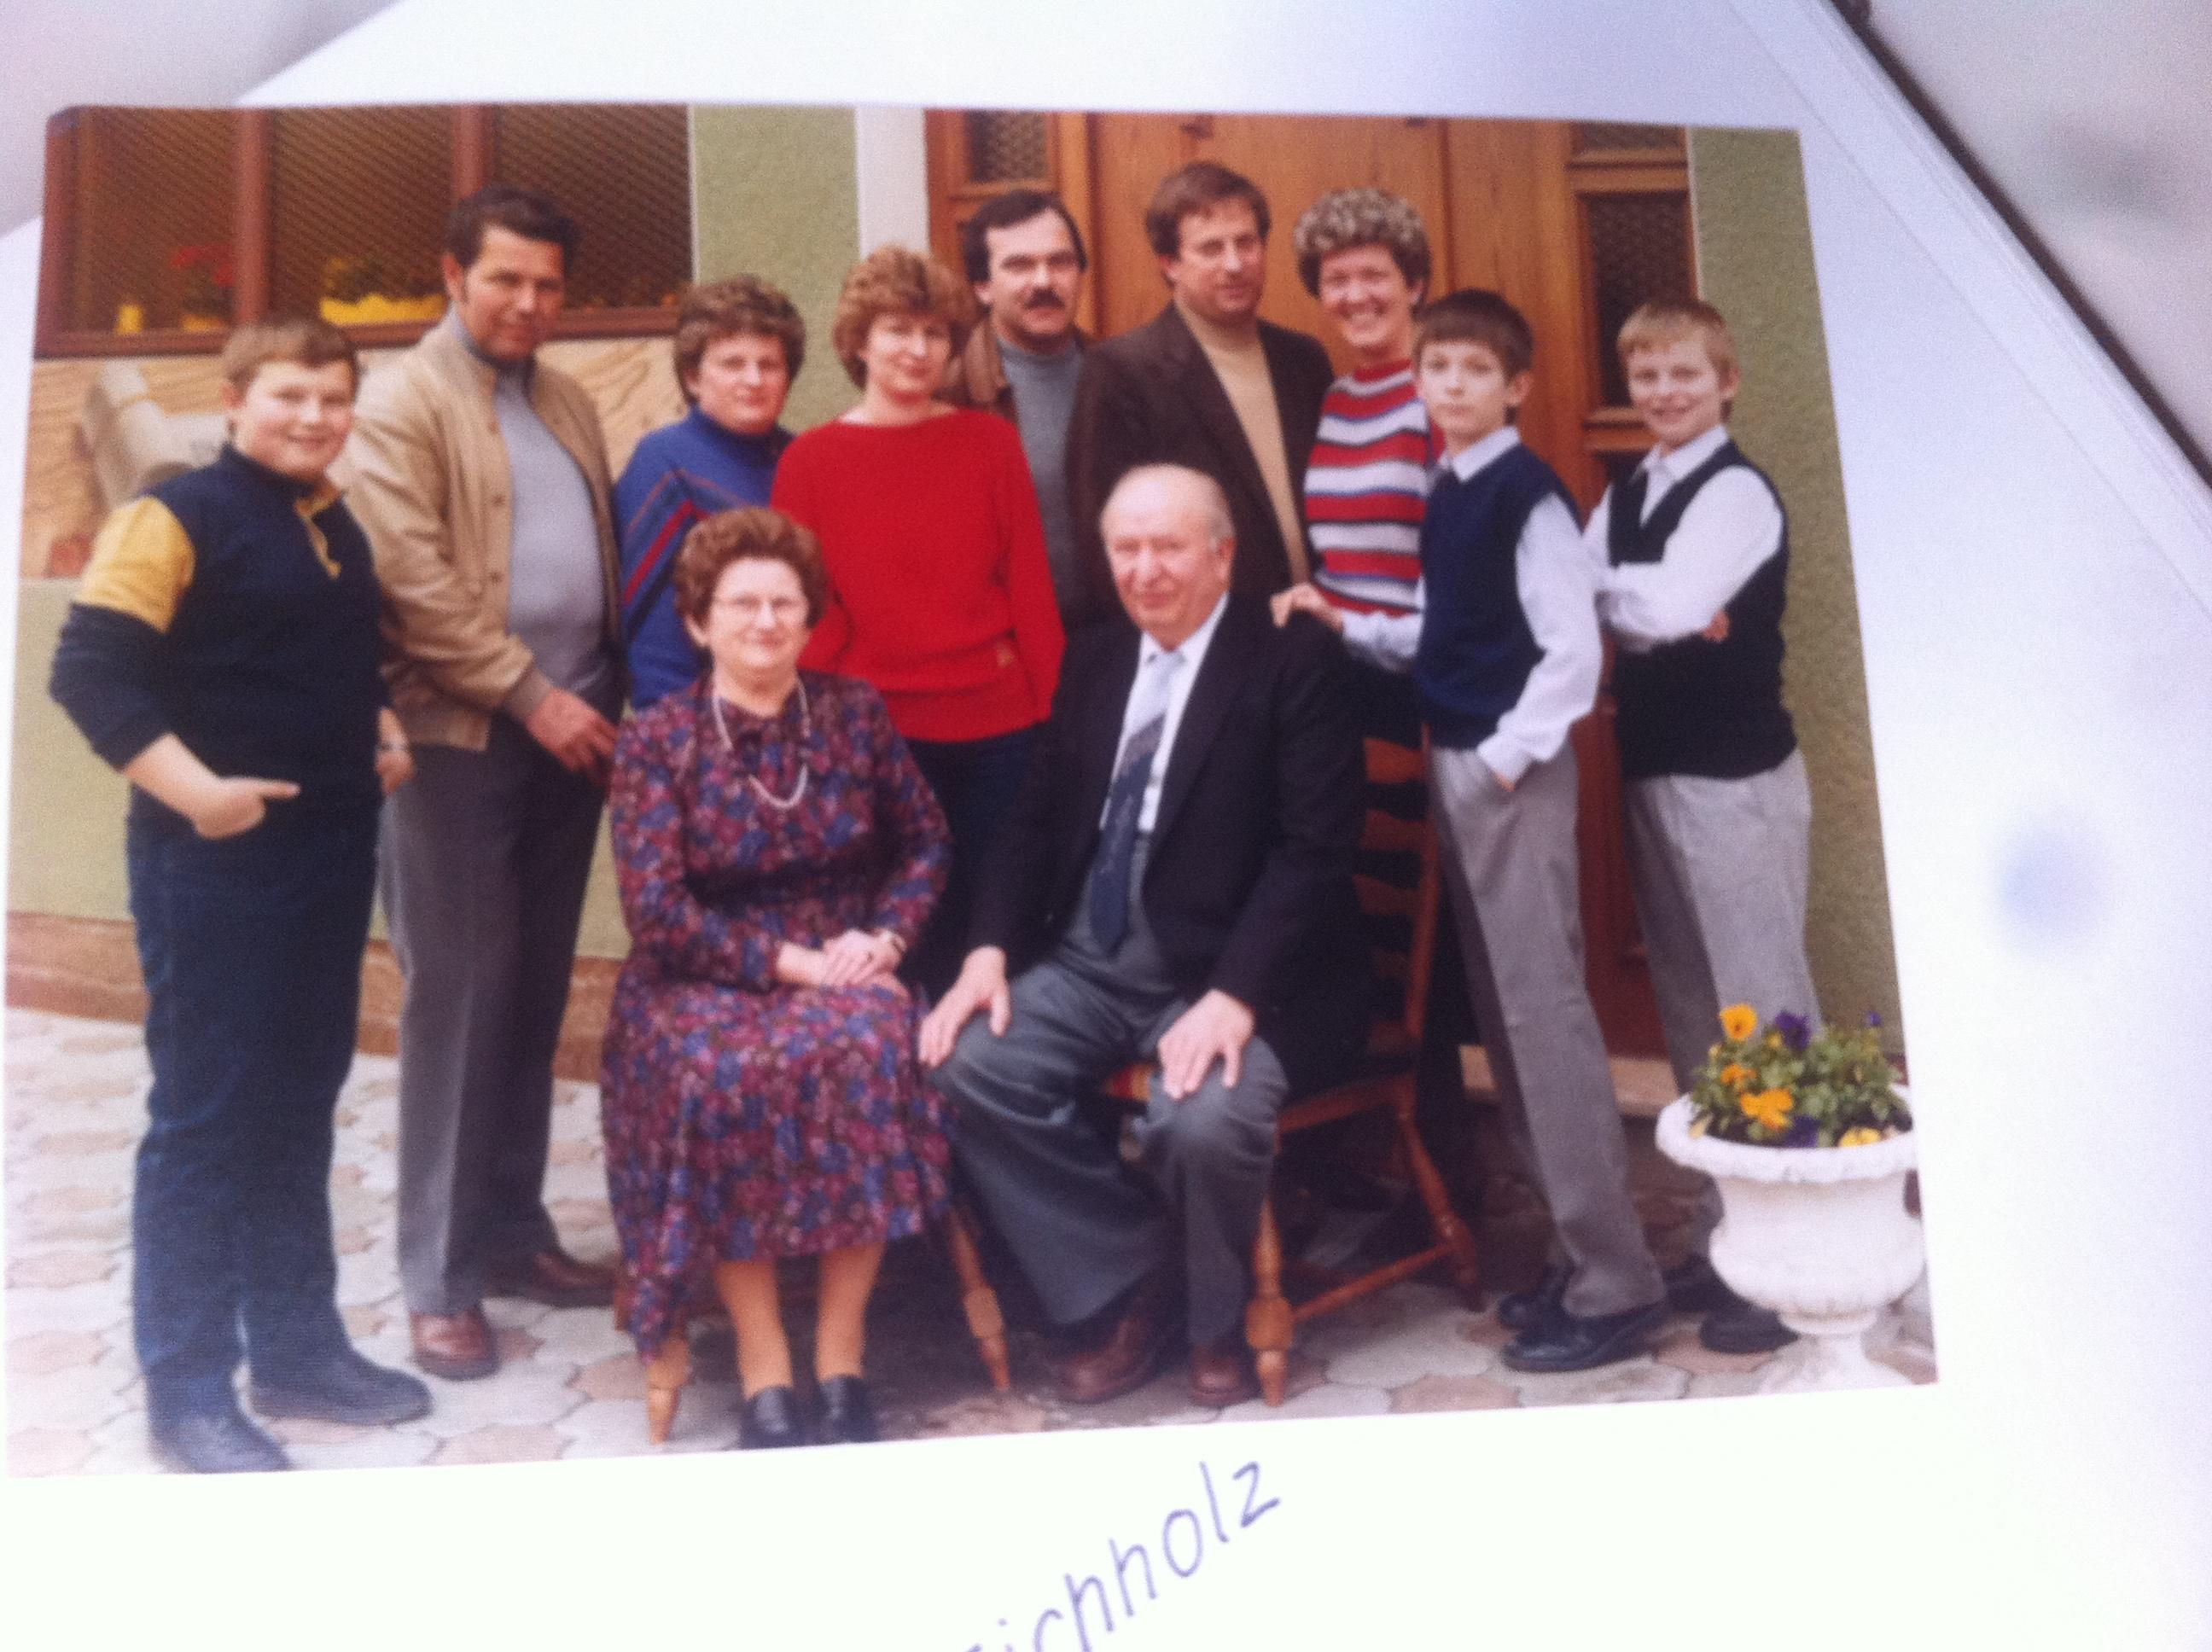 Melchior Eichholz und Familie 1983